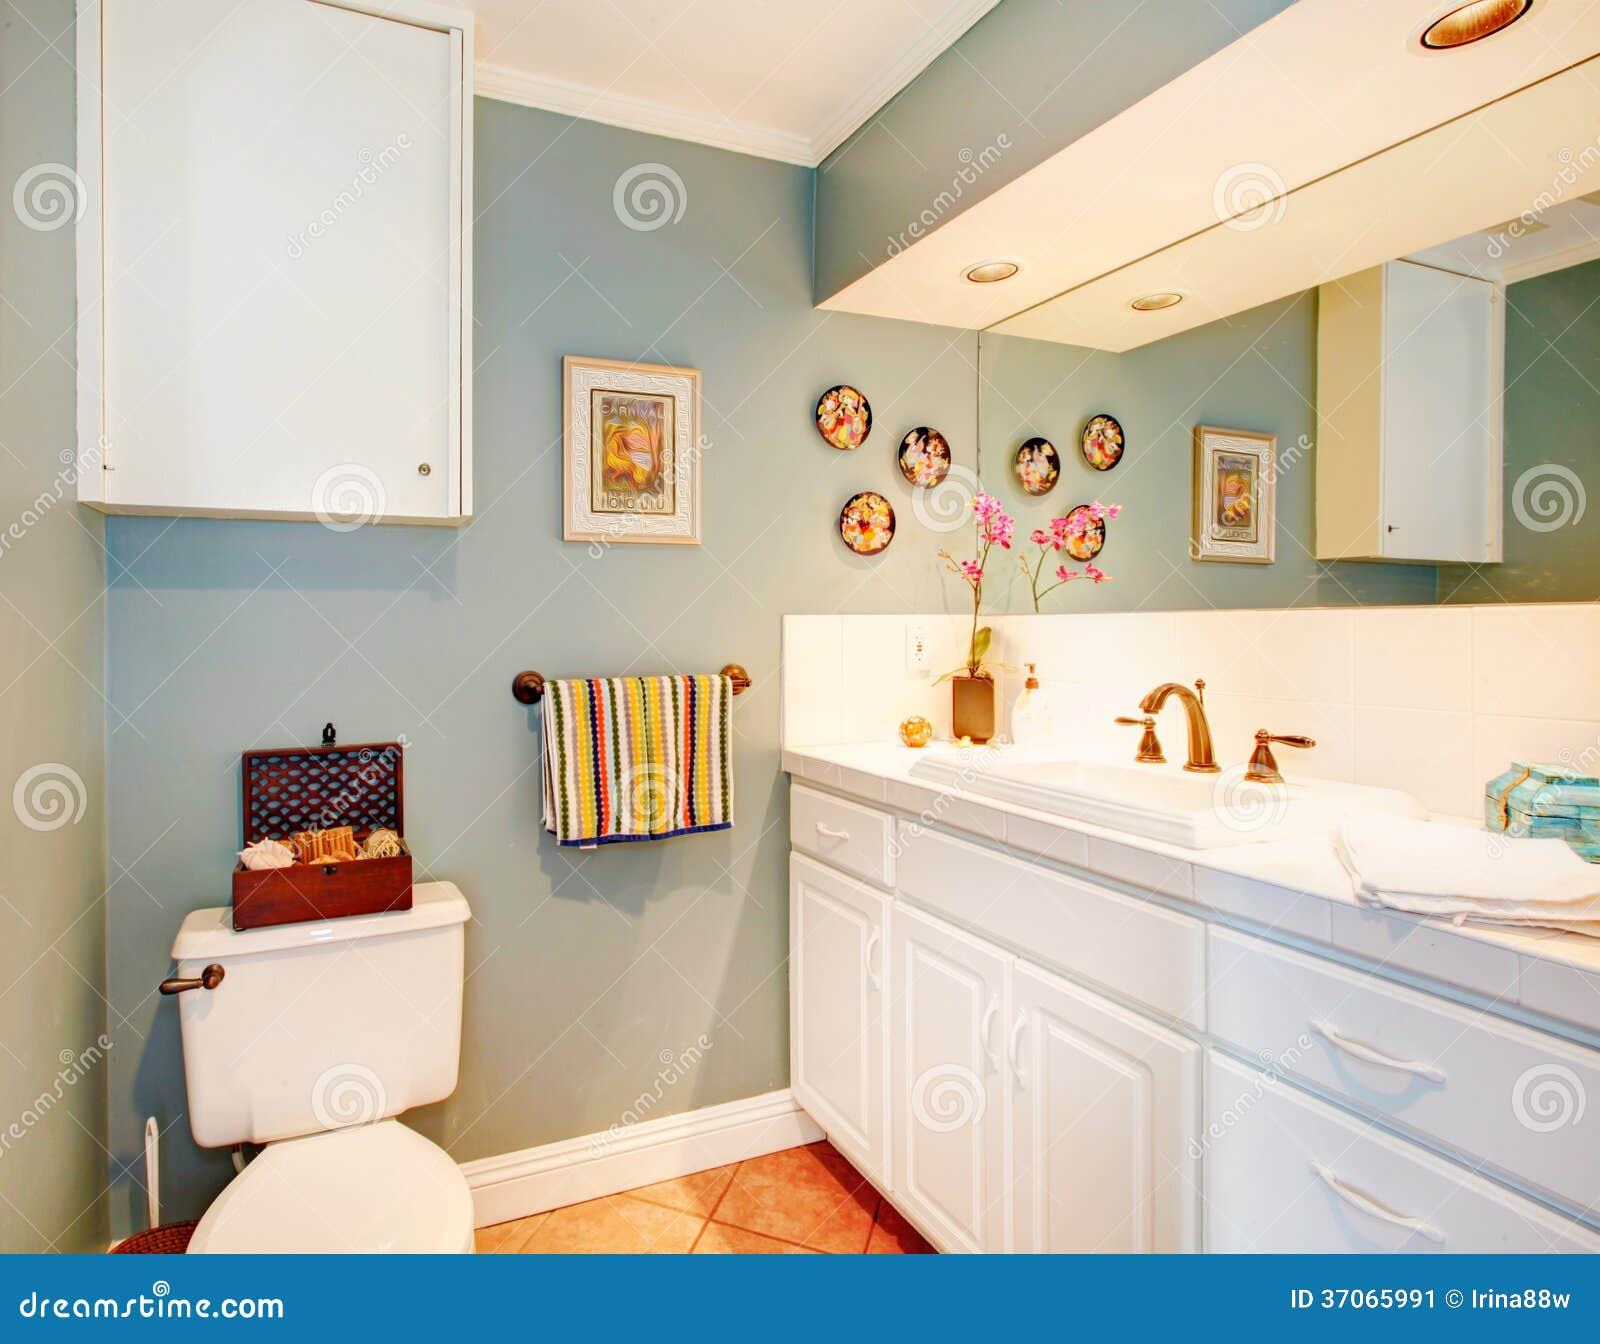 Gabinetes De Baño Pr:de archivo: Cuarto de baño acogedor brillante con los gabinetes de